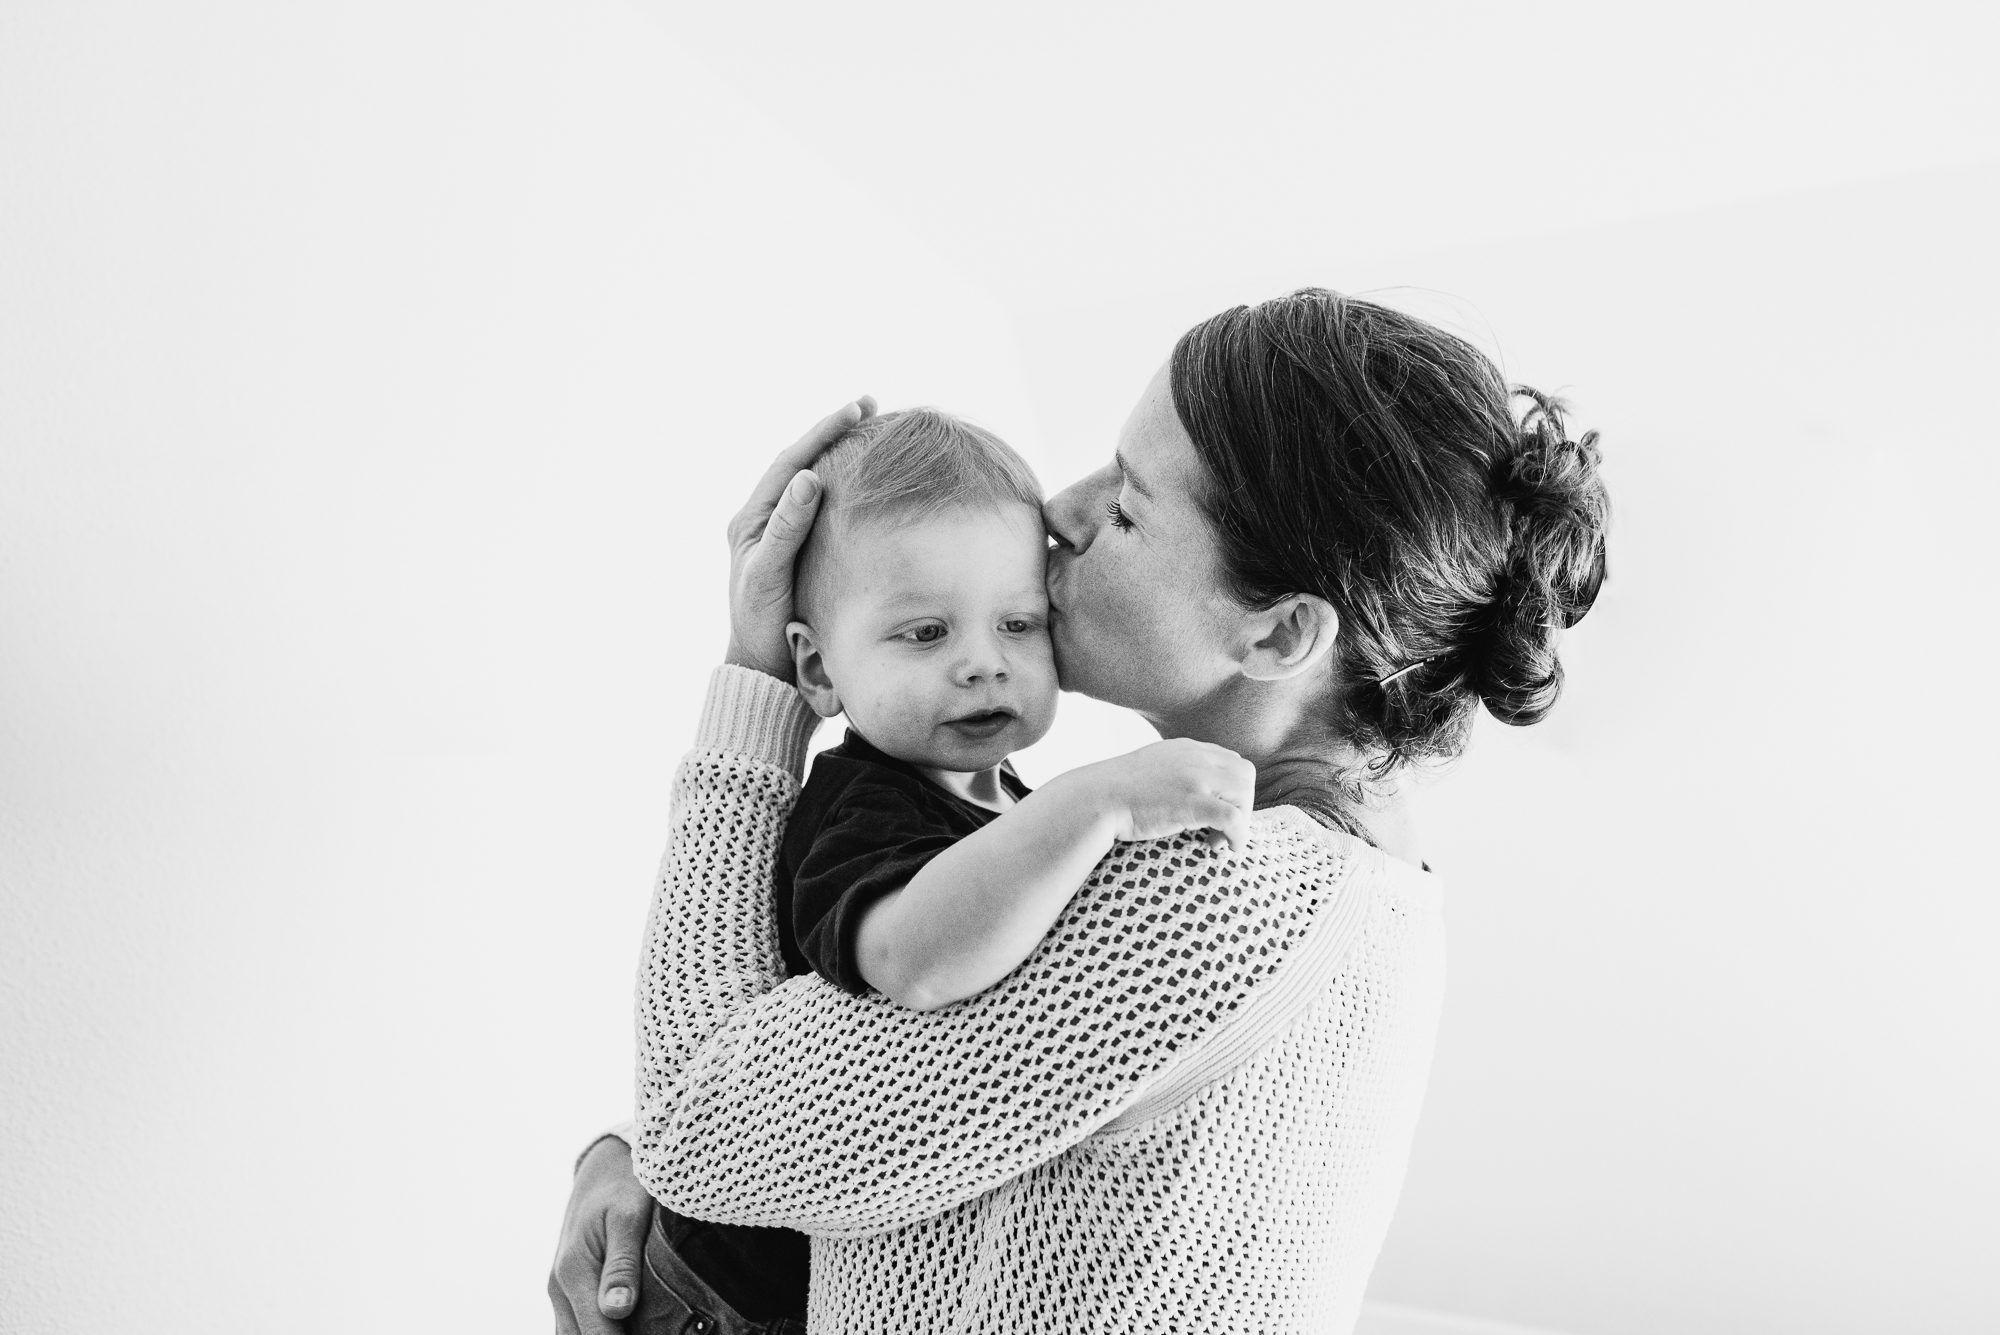 gezinsfotografie thuis Boxtel